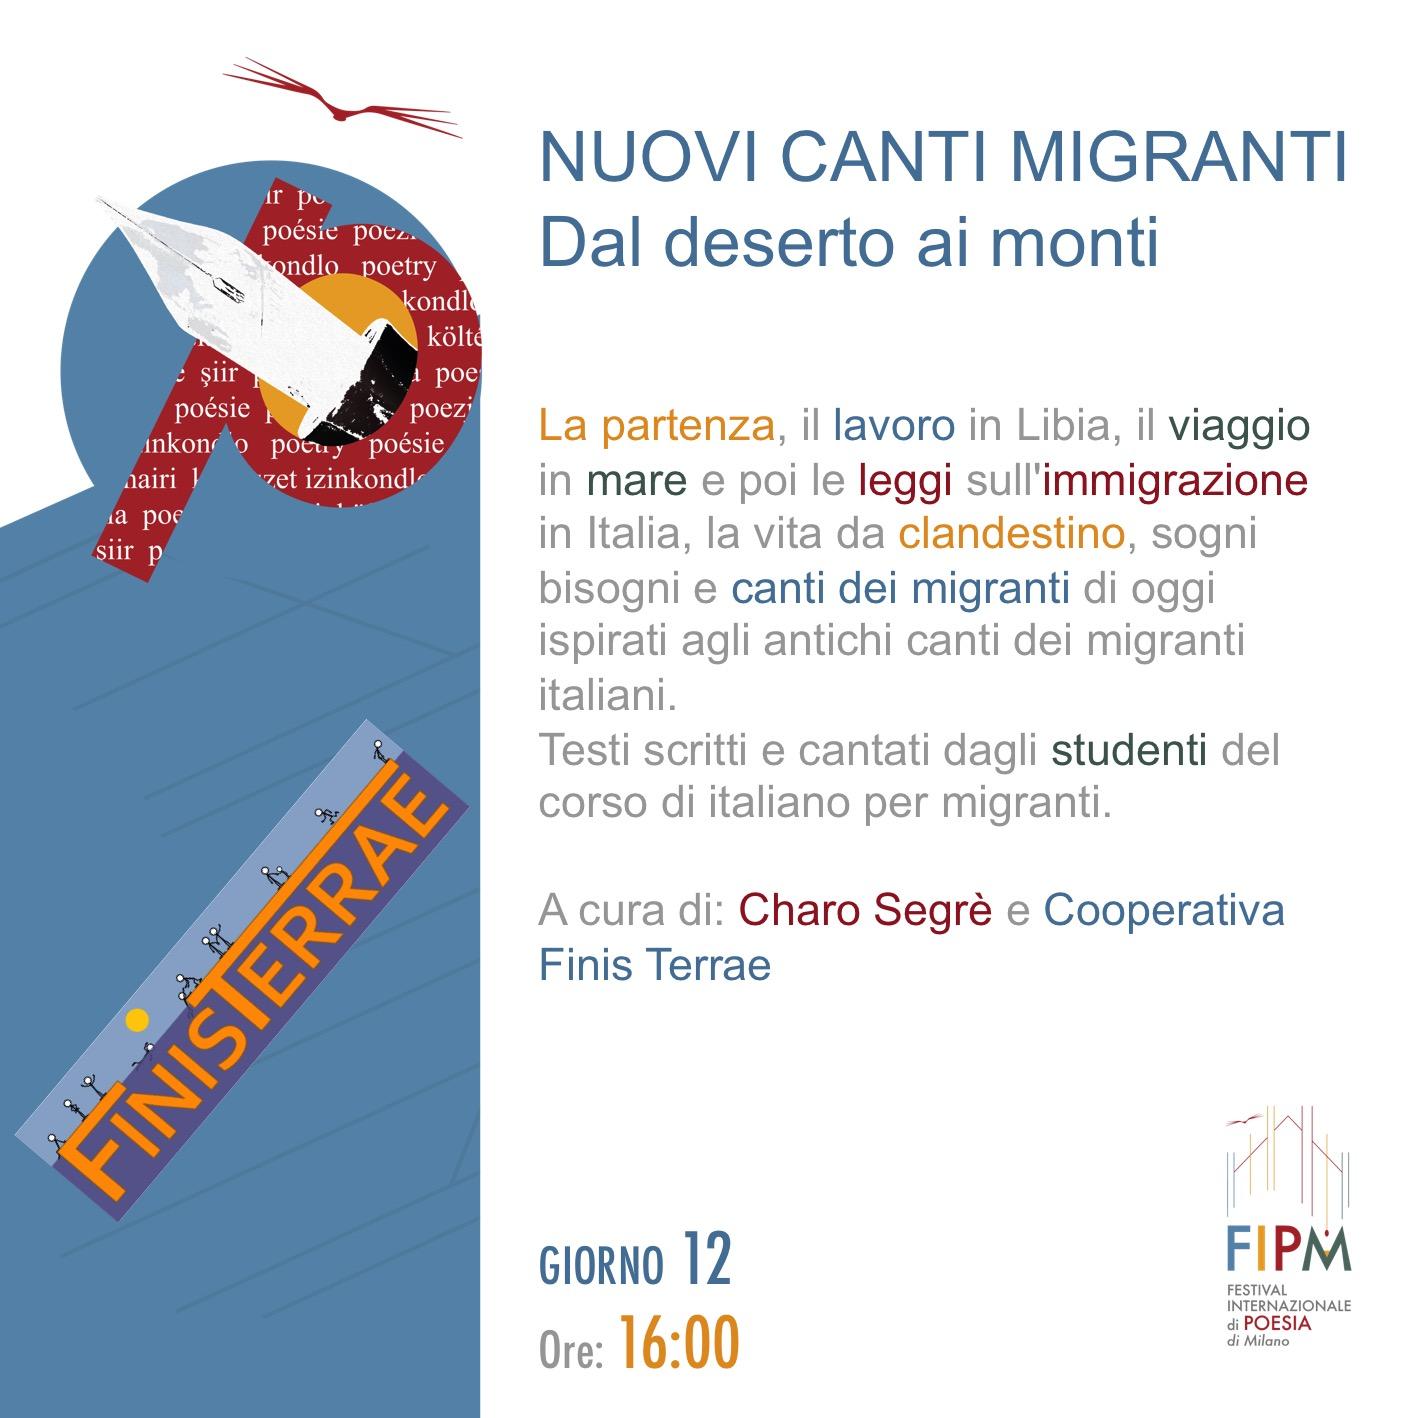 Nuovi Canti Migranti